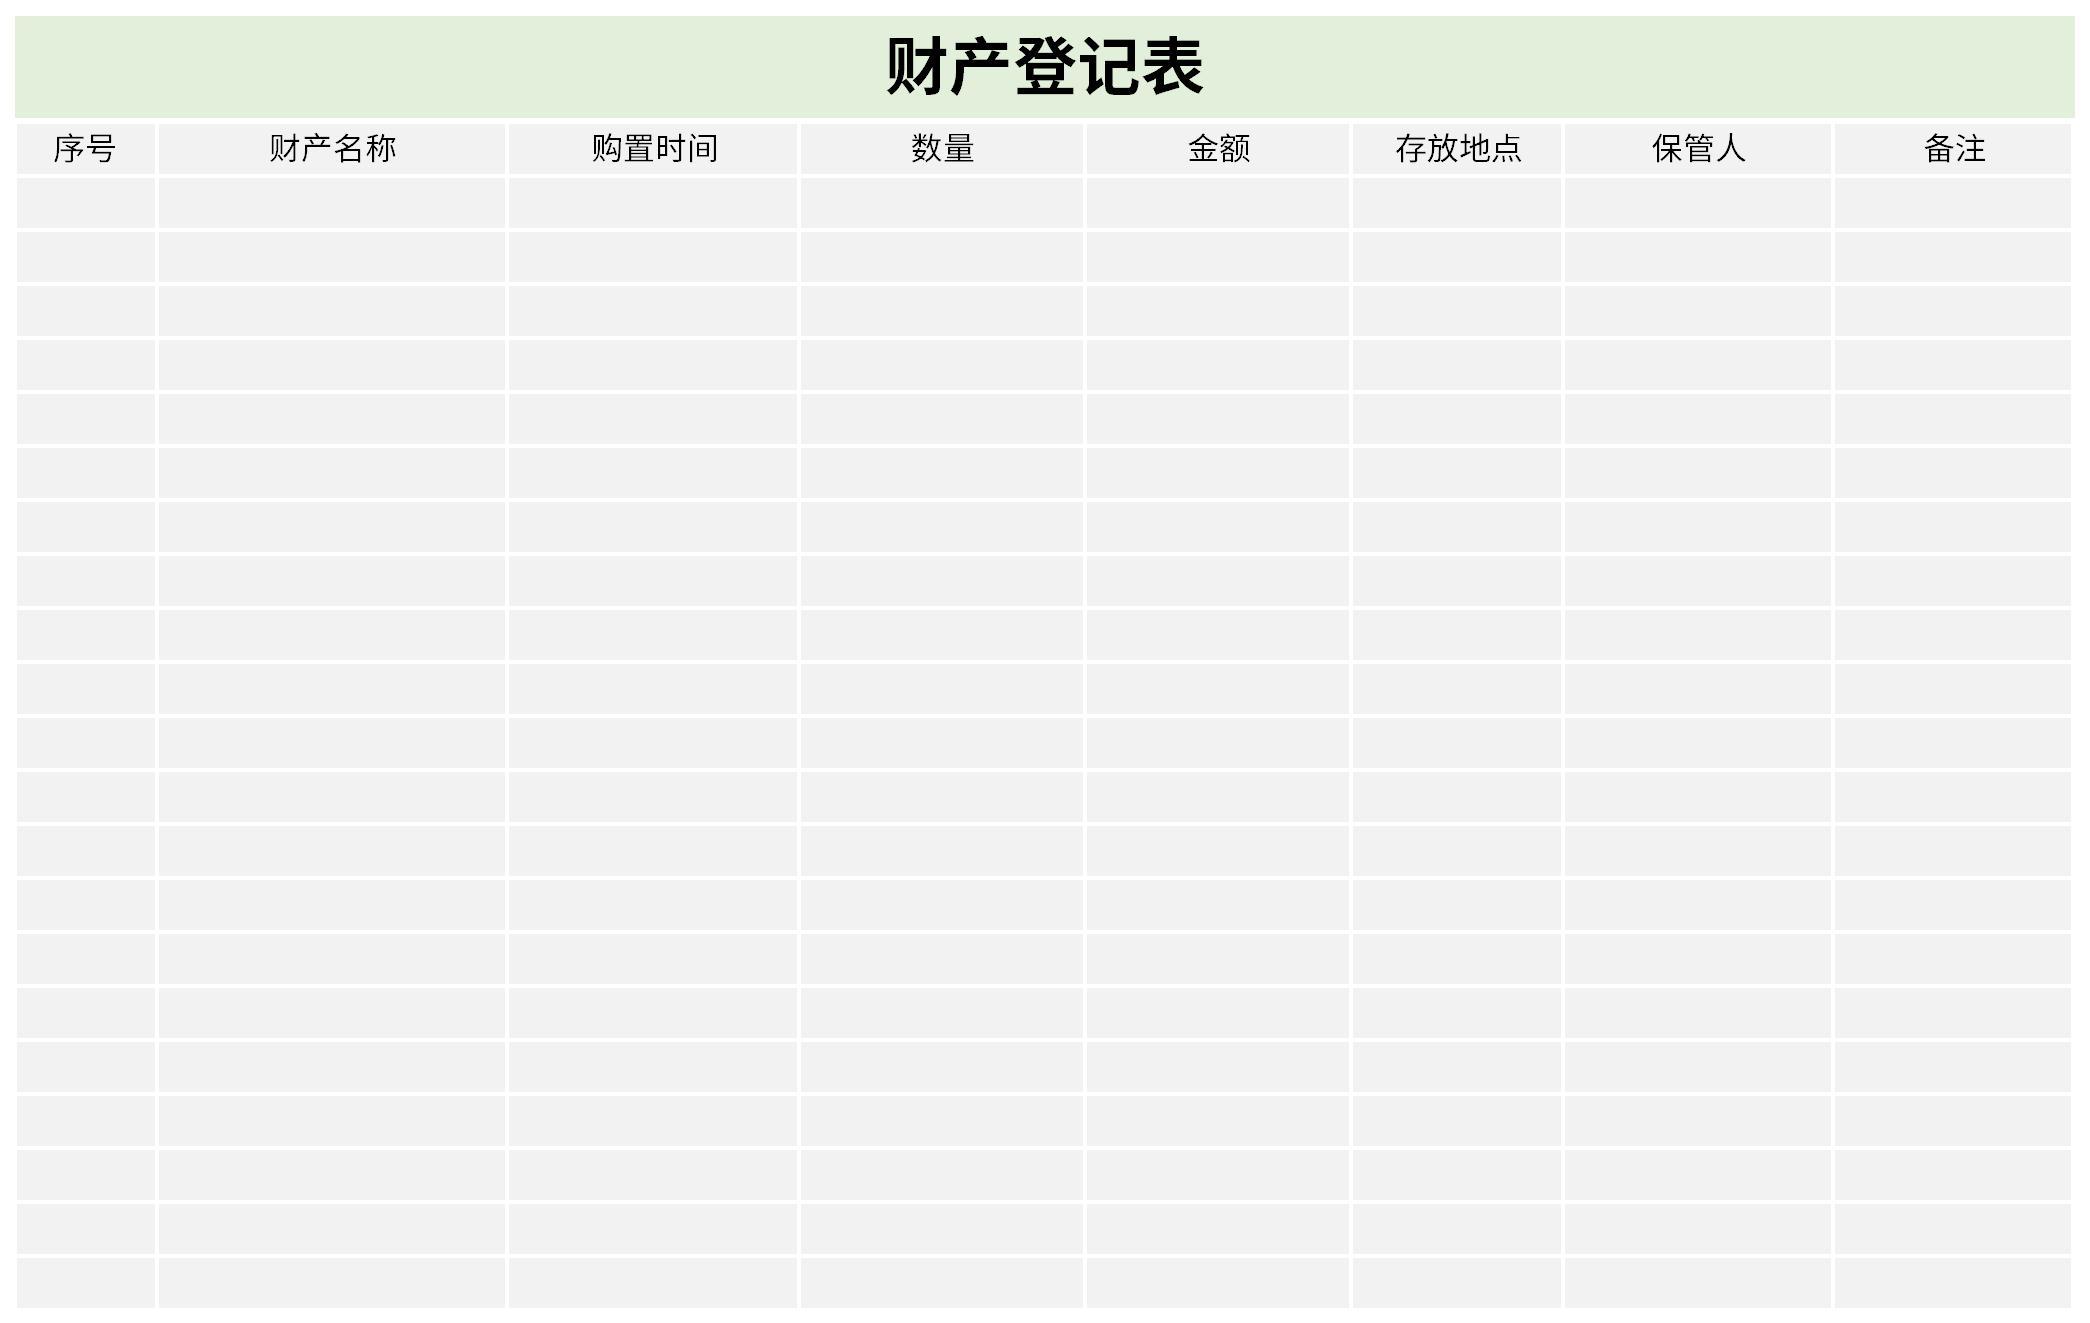 财产登记表截图